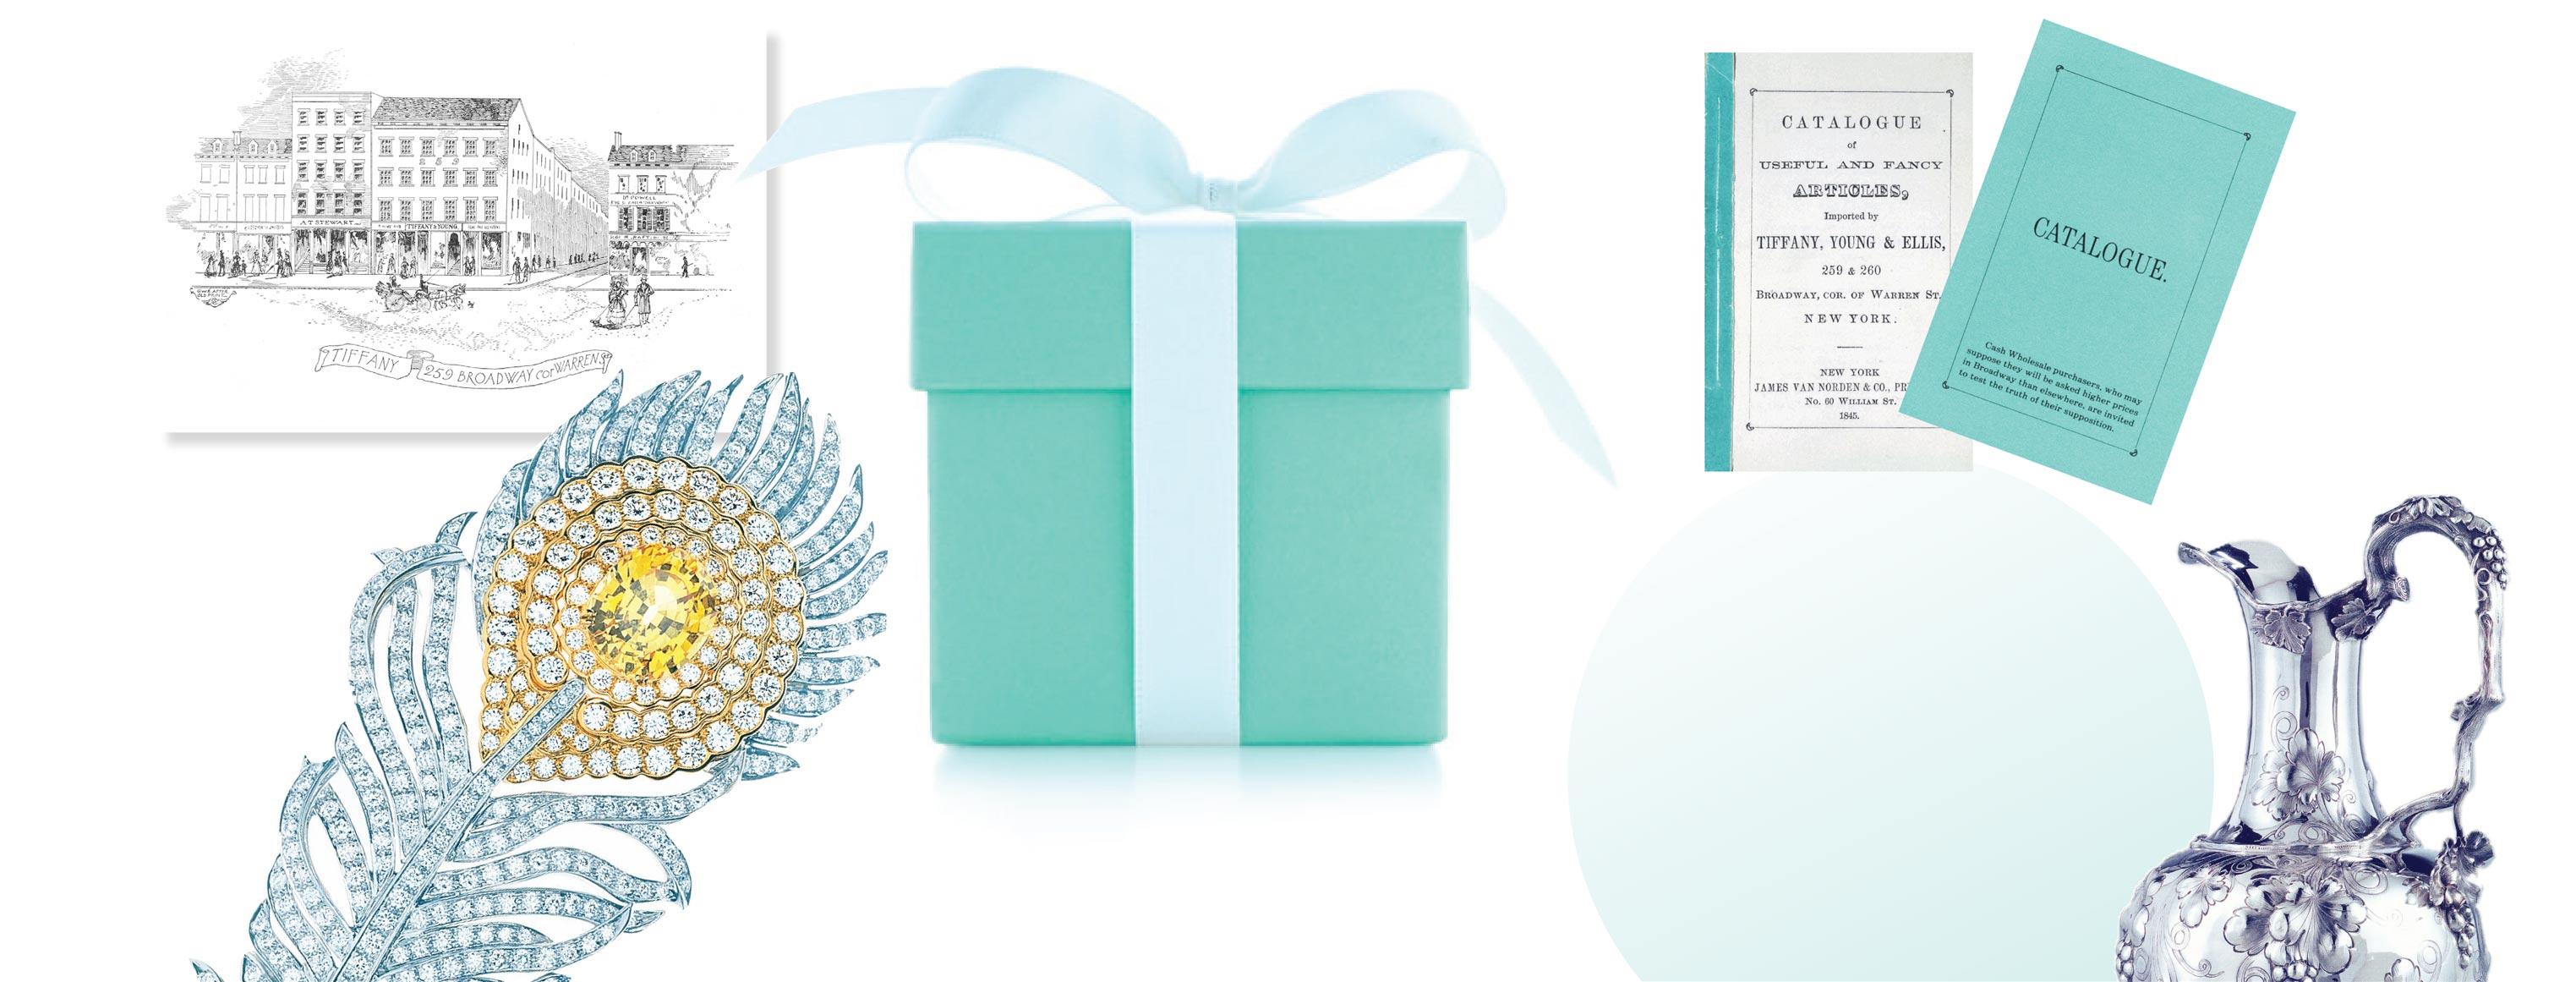 Meilensteine | Die Geschichte von Tiffany | Tiffany & Co.